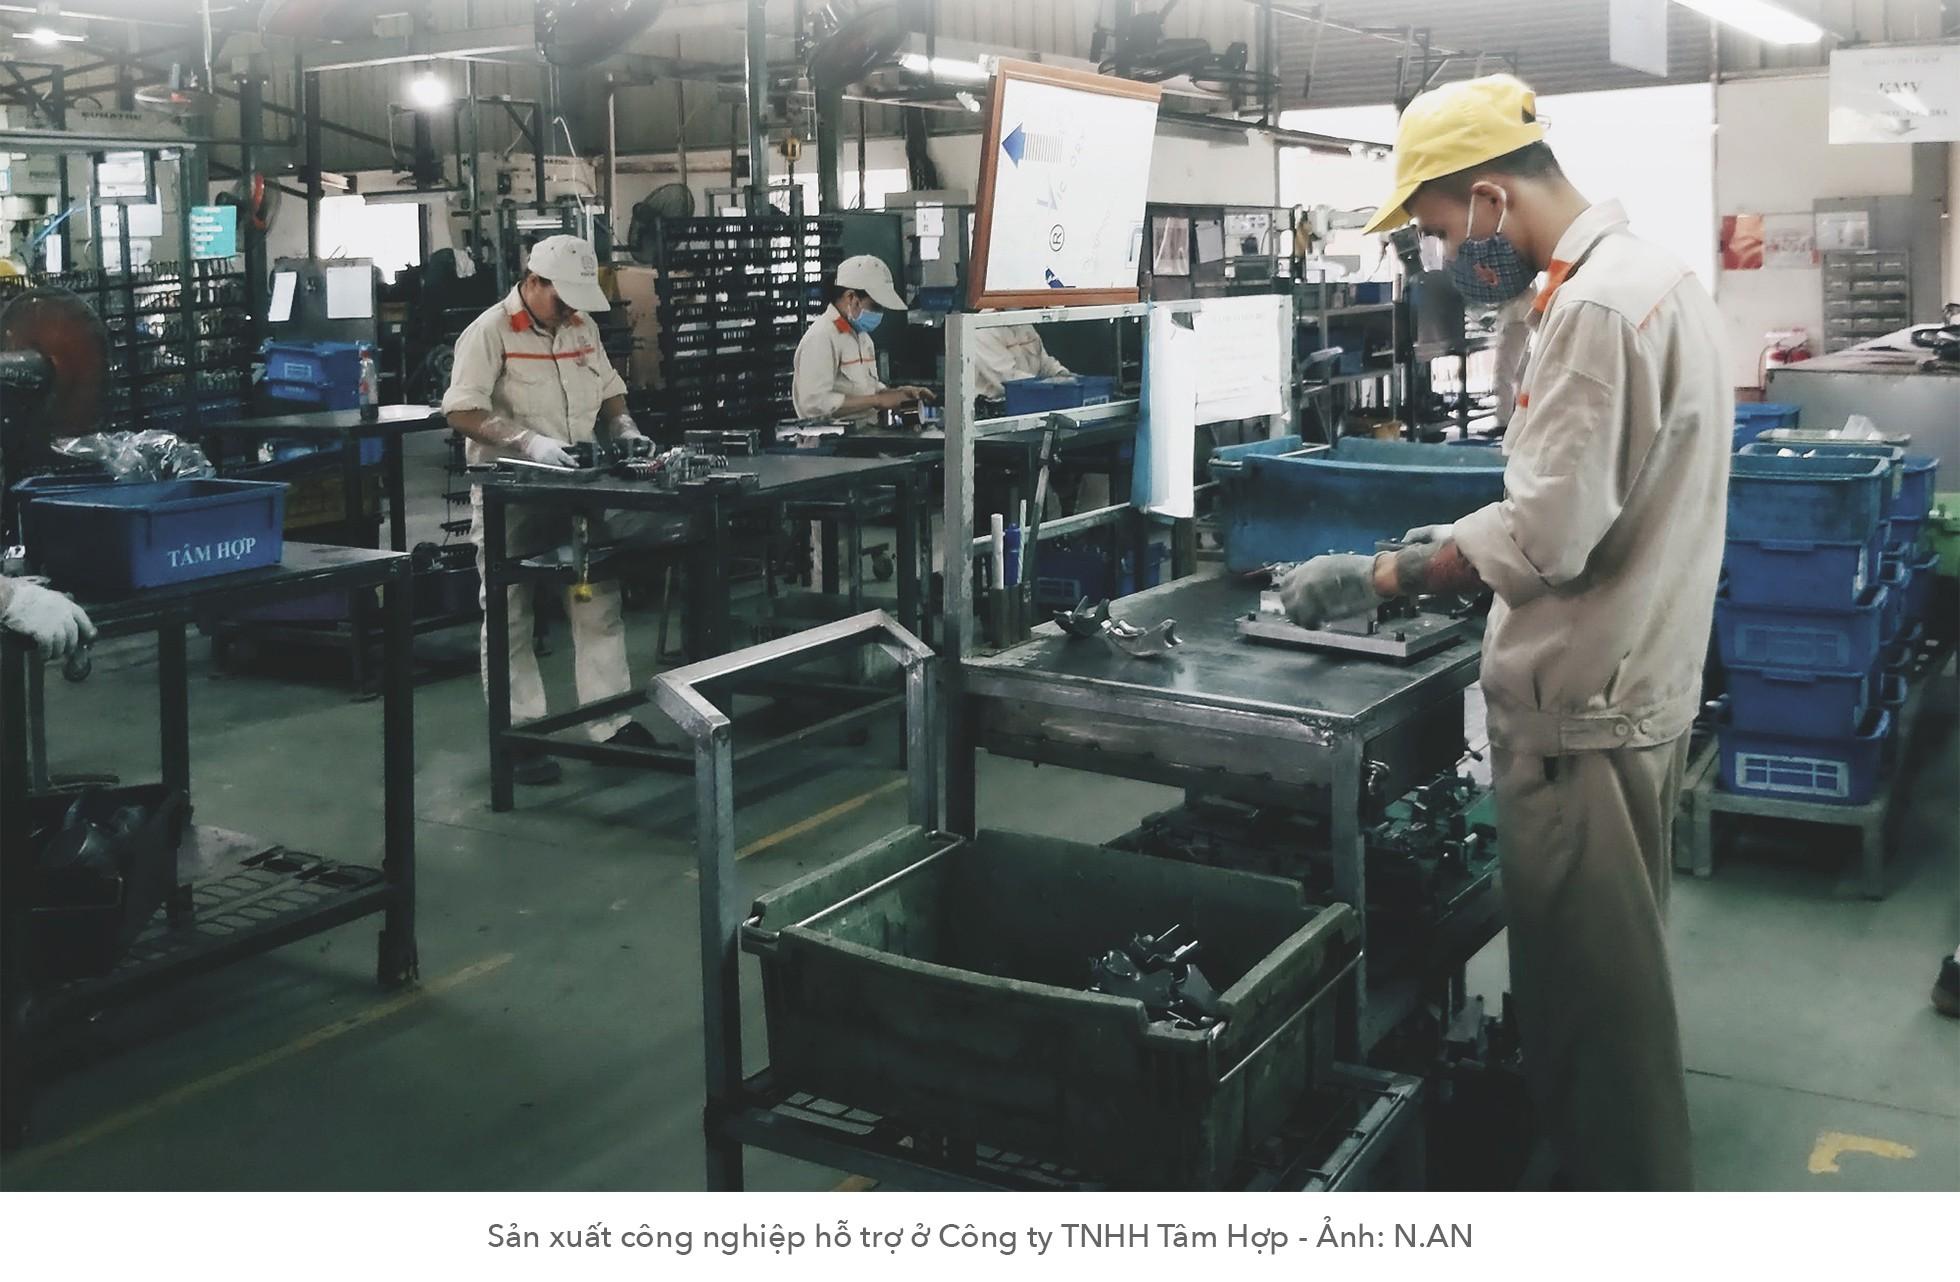 Công nghiệp hỗ trợ cho xe hơi: Trông người Thái mà ngẫm đến ta - Ảnh 16.